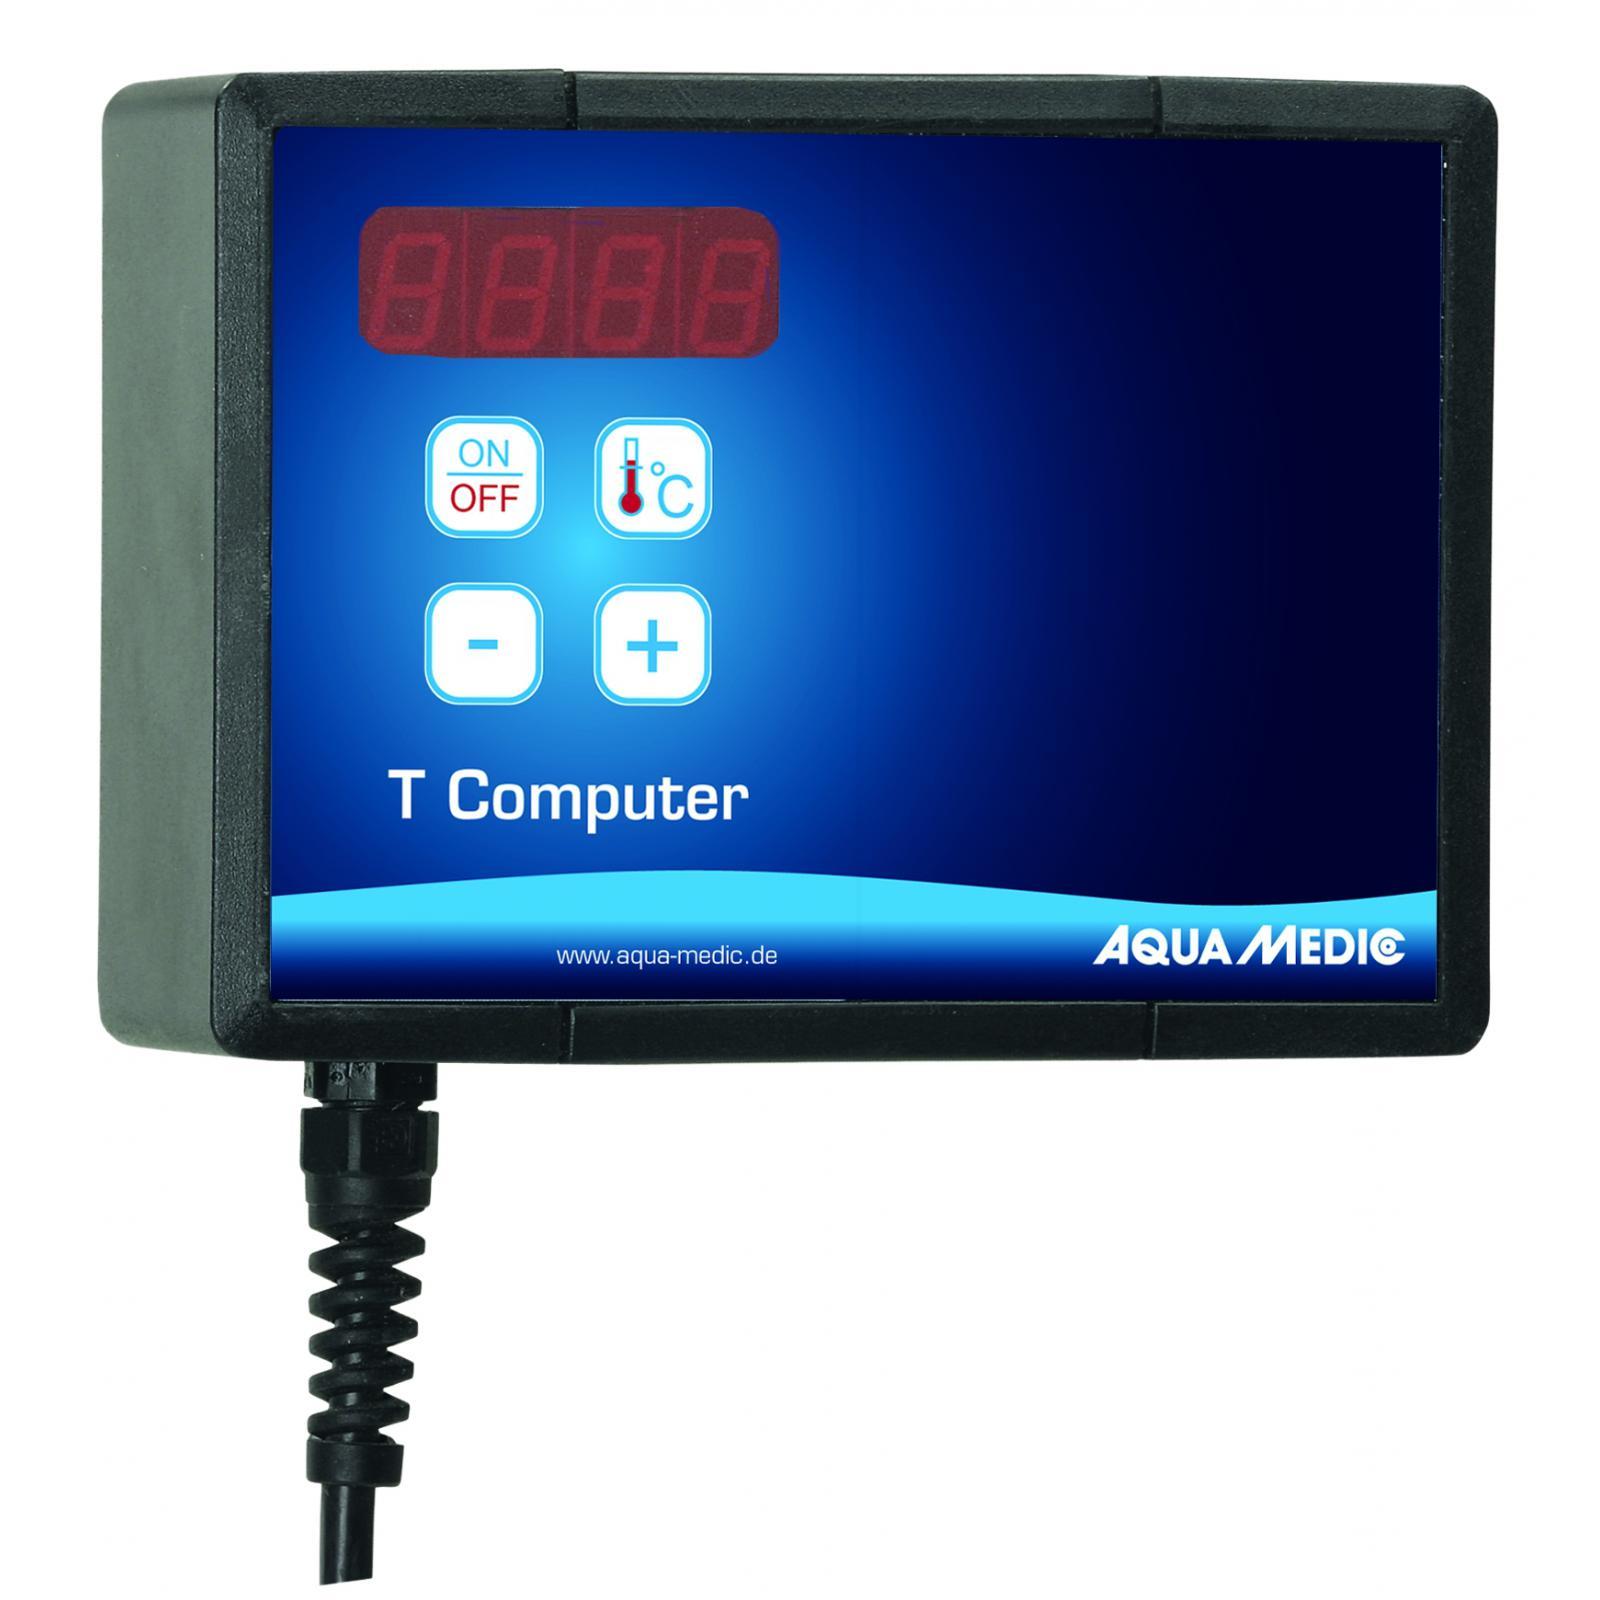 AQUA MEDIC T Computer-Set appareil de mesure et de contrôle haute précision de température pour groupe froid ou chauffage